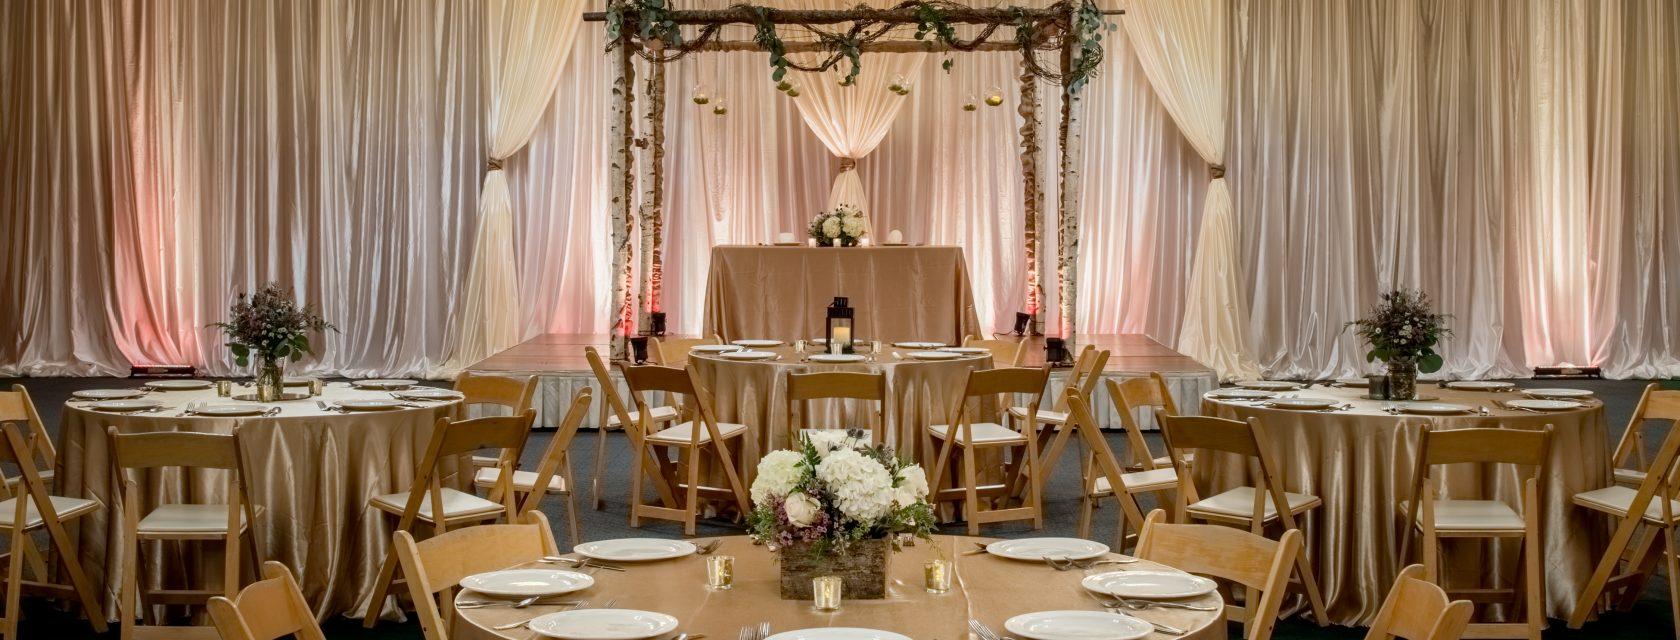 Wedding Venues In Vancouver WA